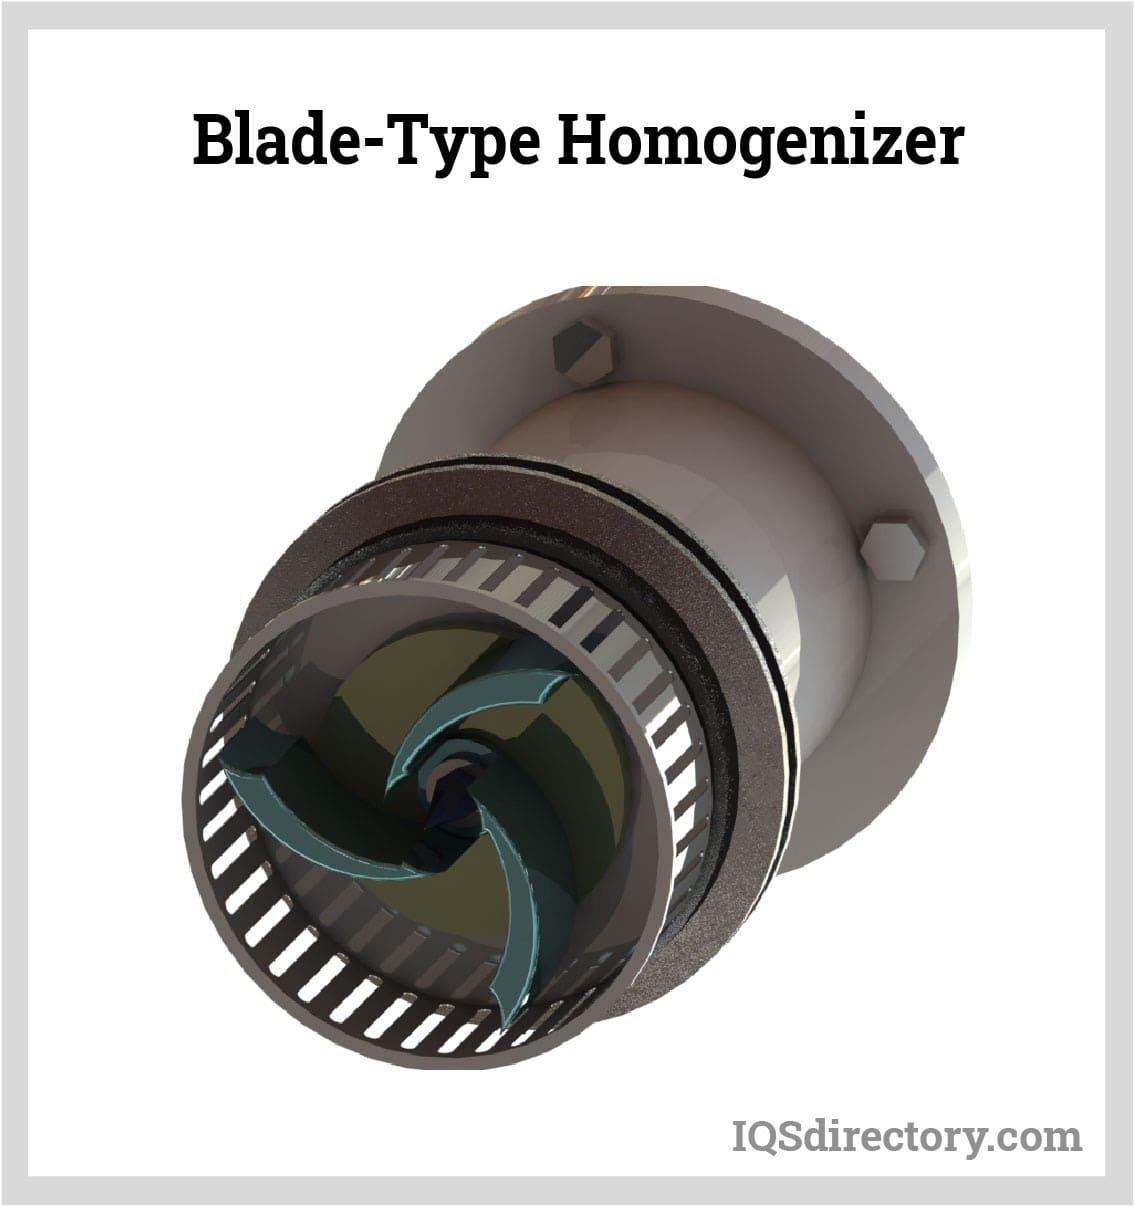 Blade-Type Homogenizer